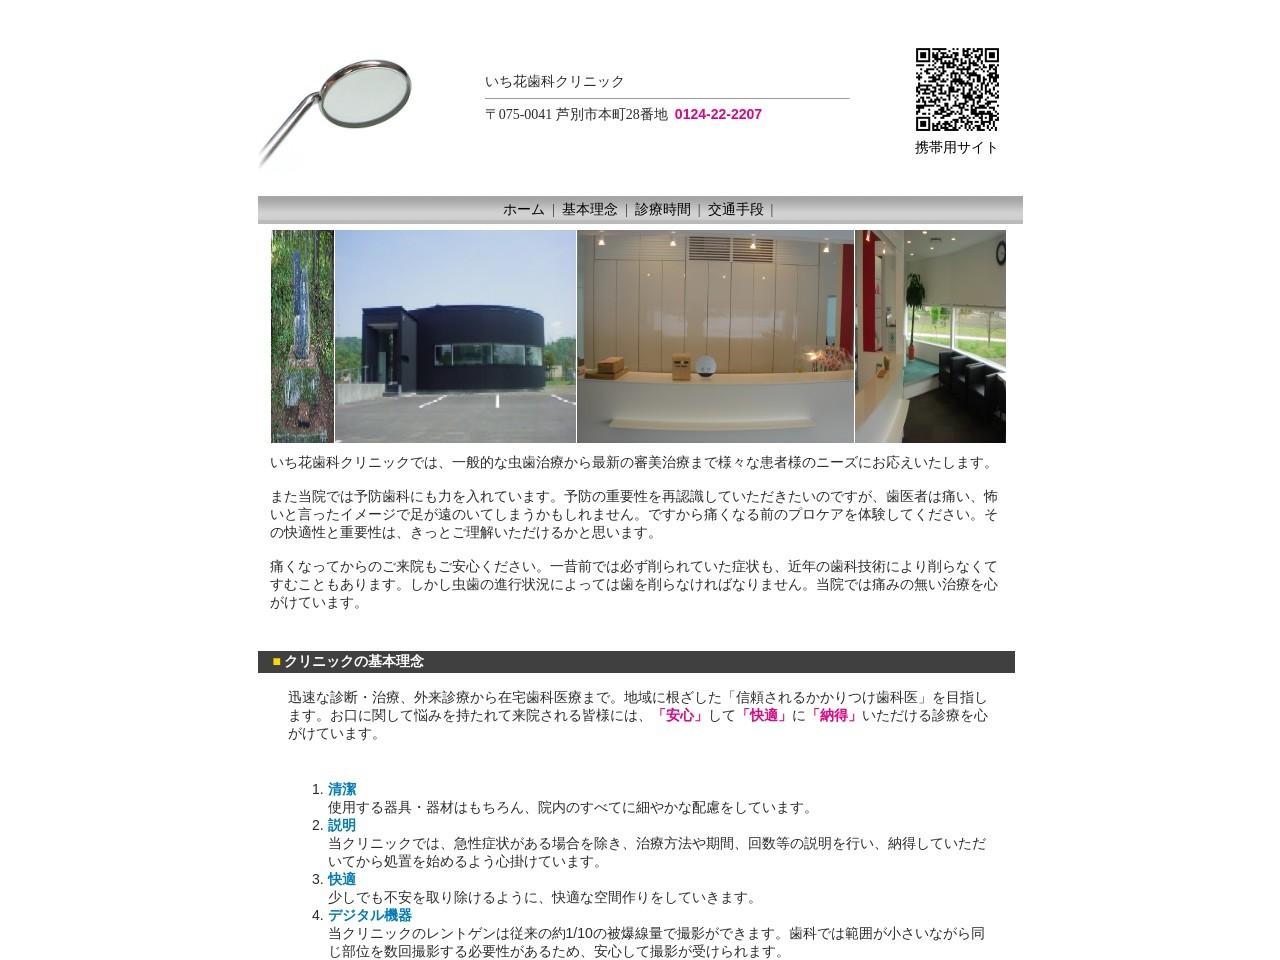 医療法人社団啓佑会  いち花歯科クリニック (北海道芦別市)